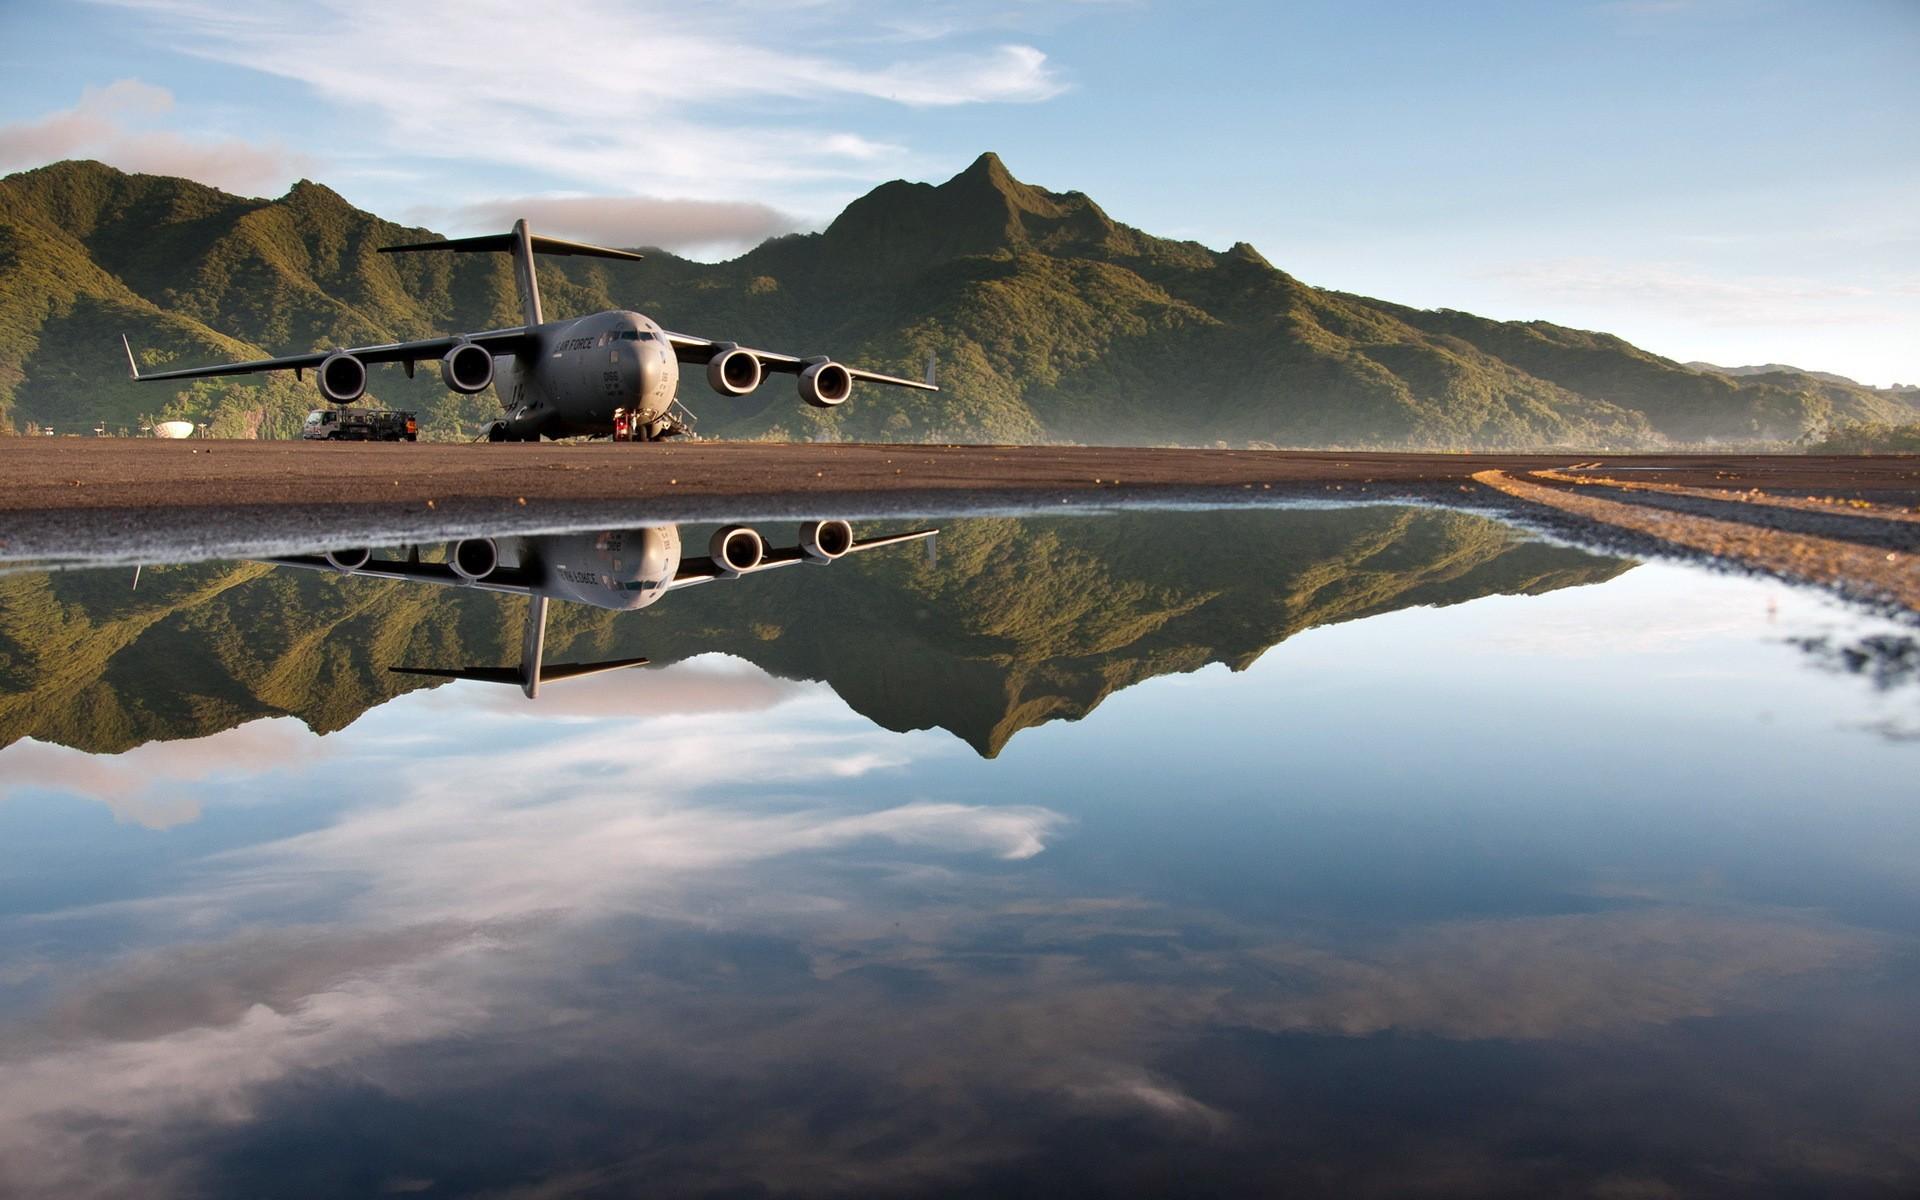 Грузовой самолет картинки и обои - самые необычные и красивые 5